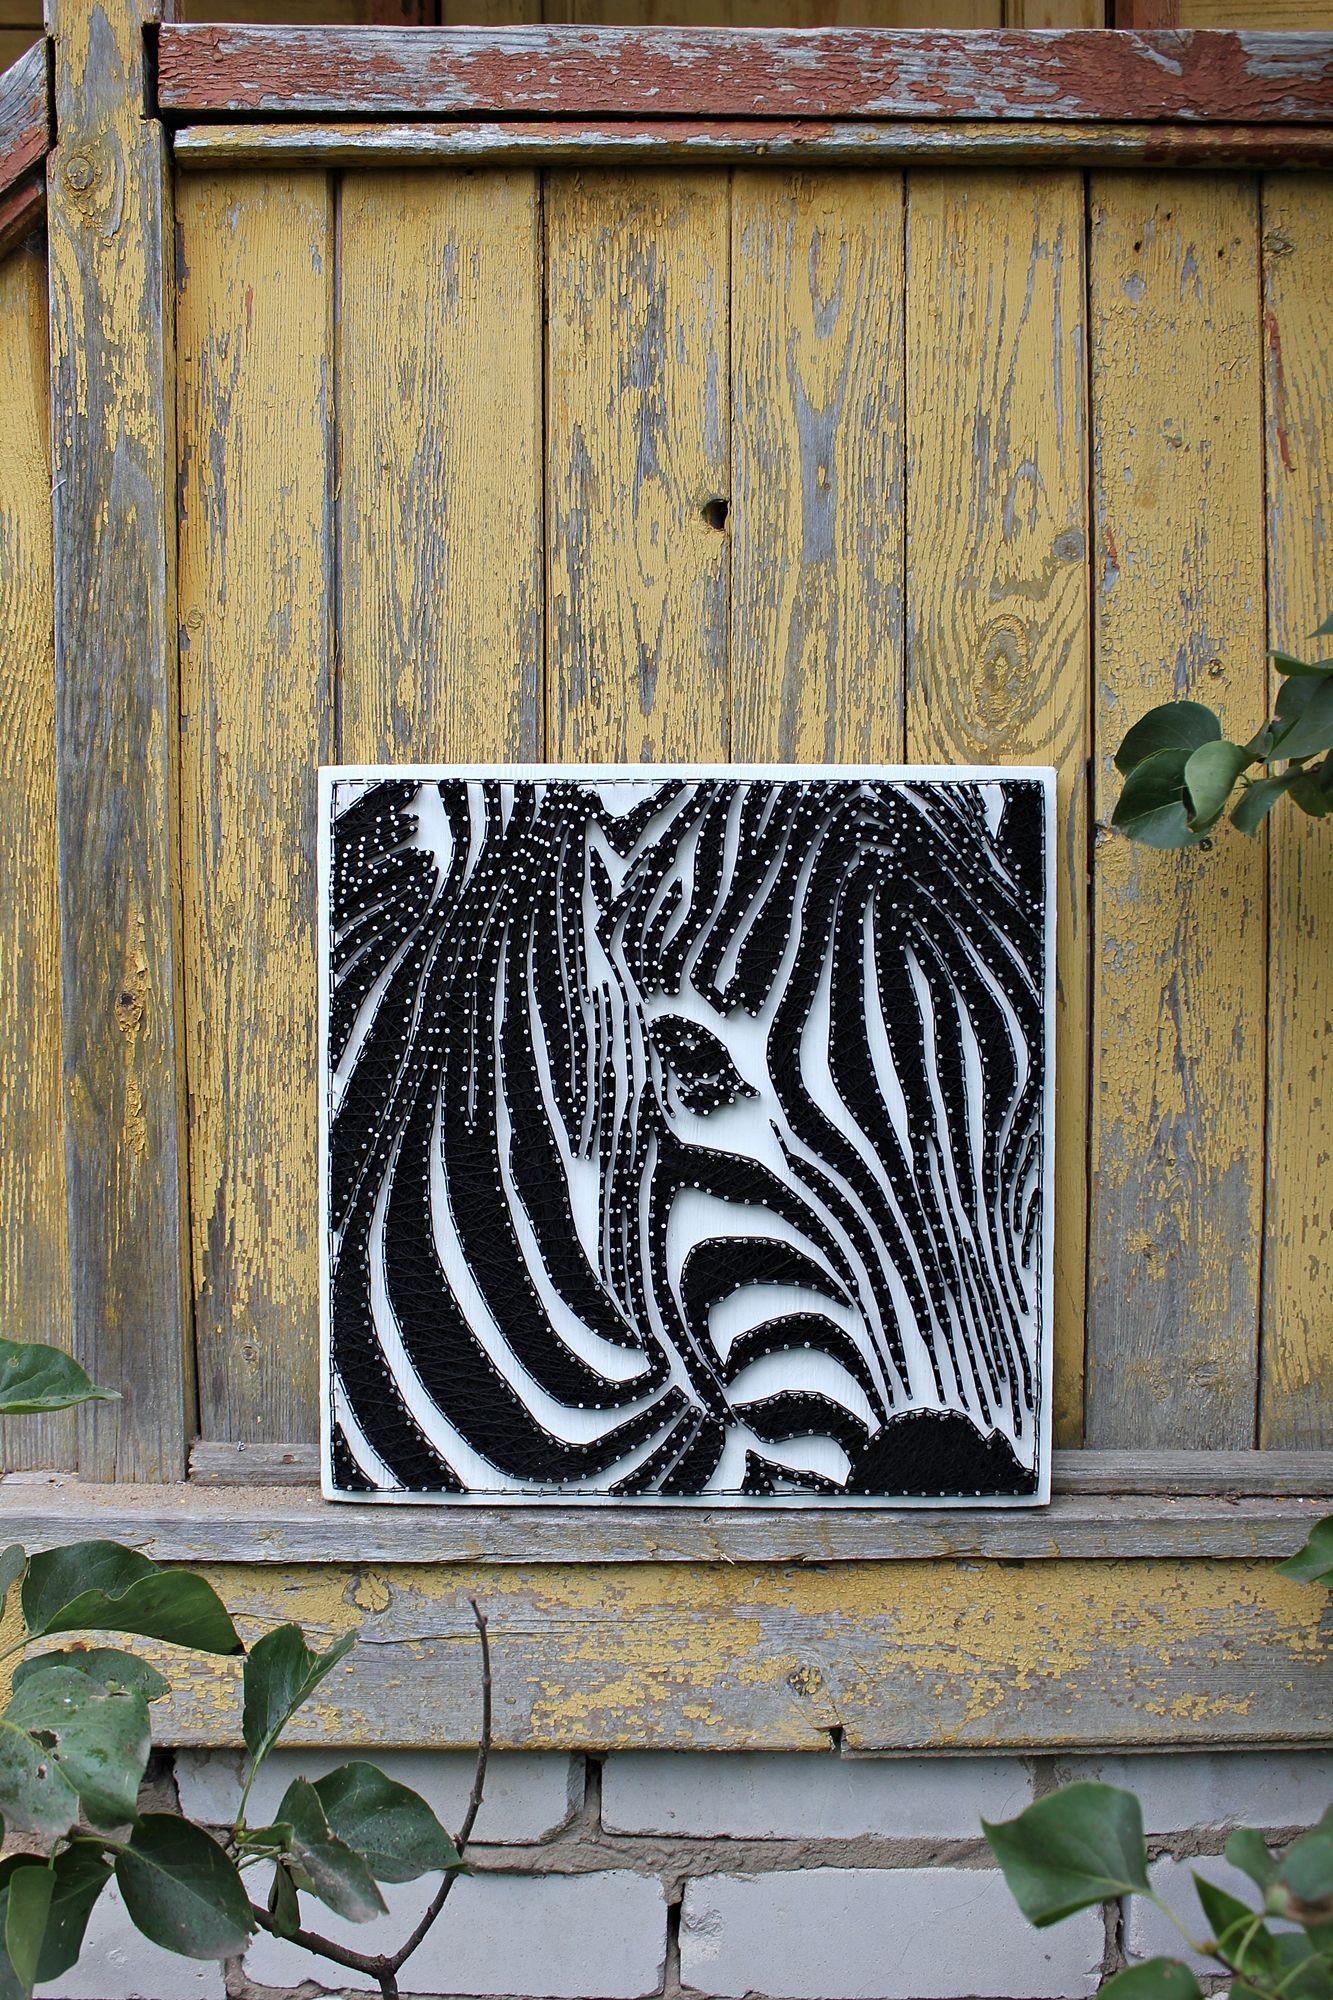 String art zebra string art oxvin pinterest string art string art zebra prinsesfo Gallery